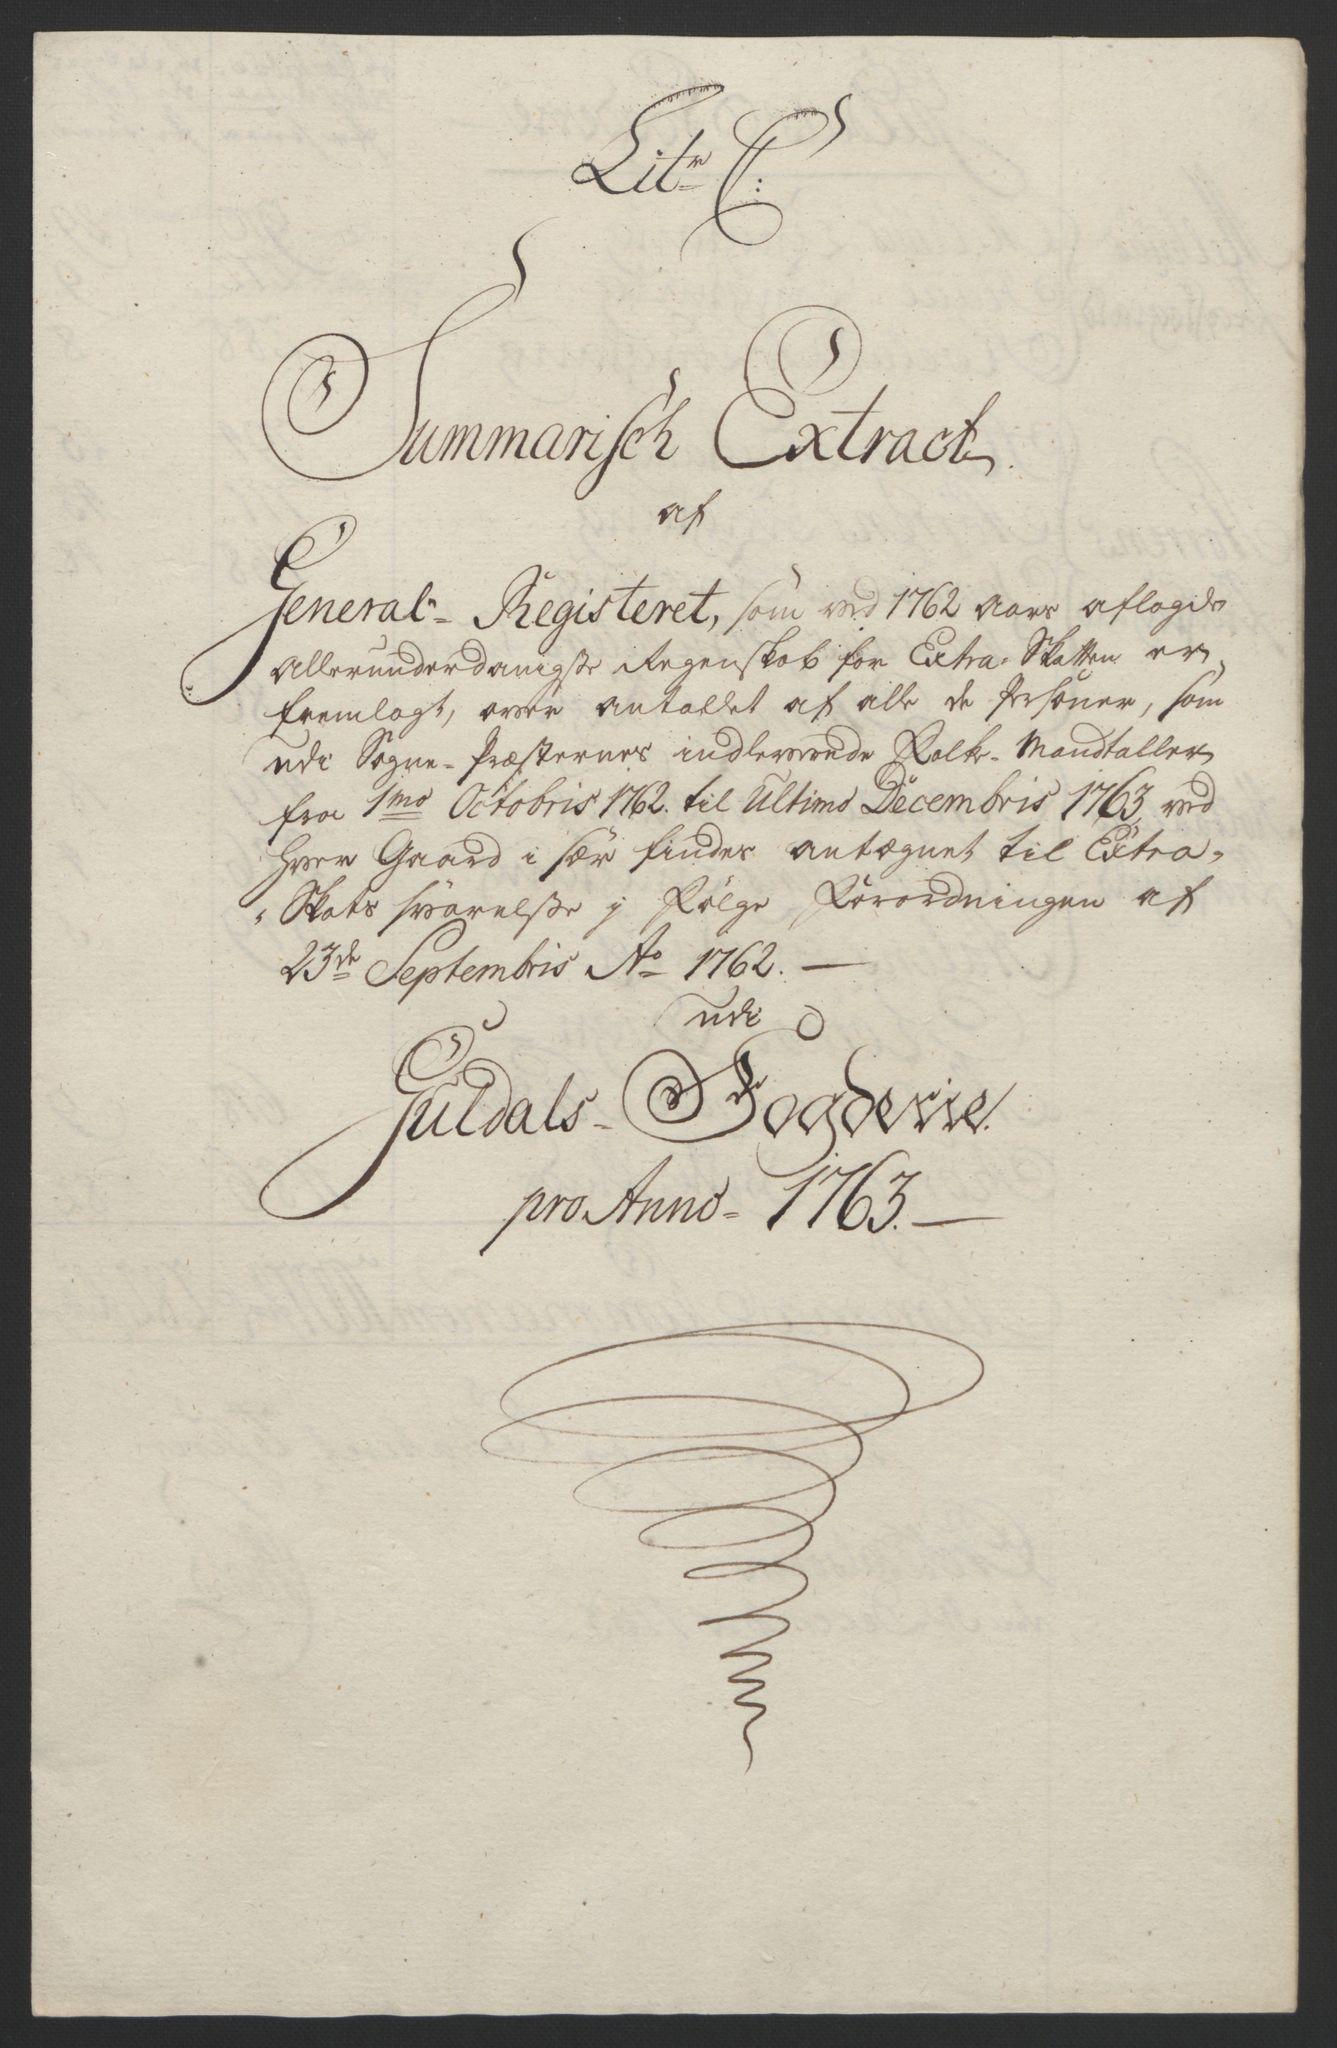 RA, Rentekammeret inntil 1814, Reviderte regnskaper, Fogderegnskap, R60/L4094: Ekstraskatten Orkdal og Gauldal, 1762-1765, s. 98